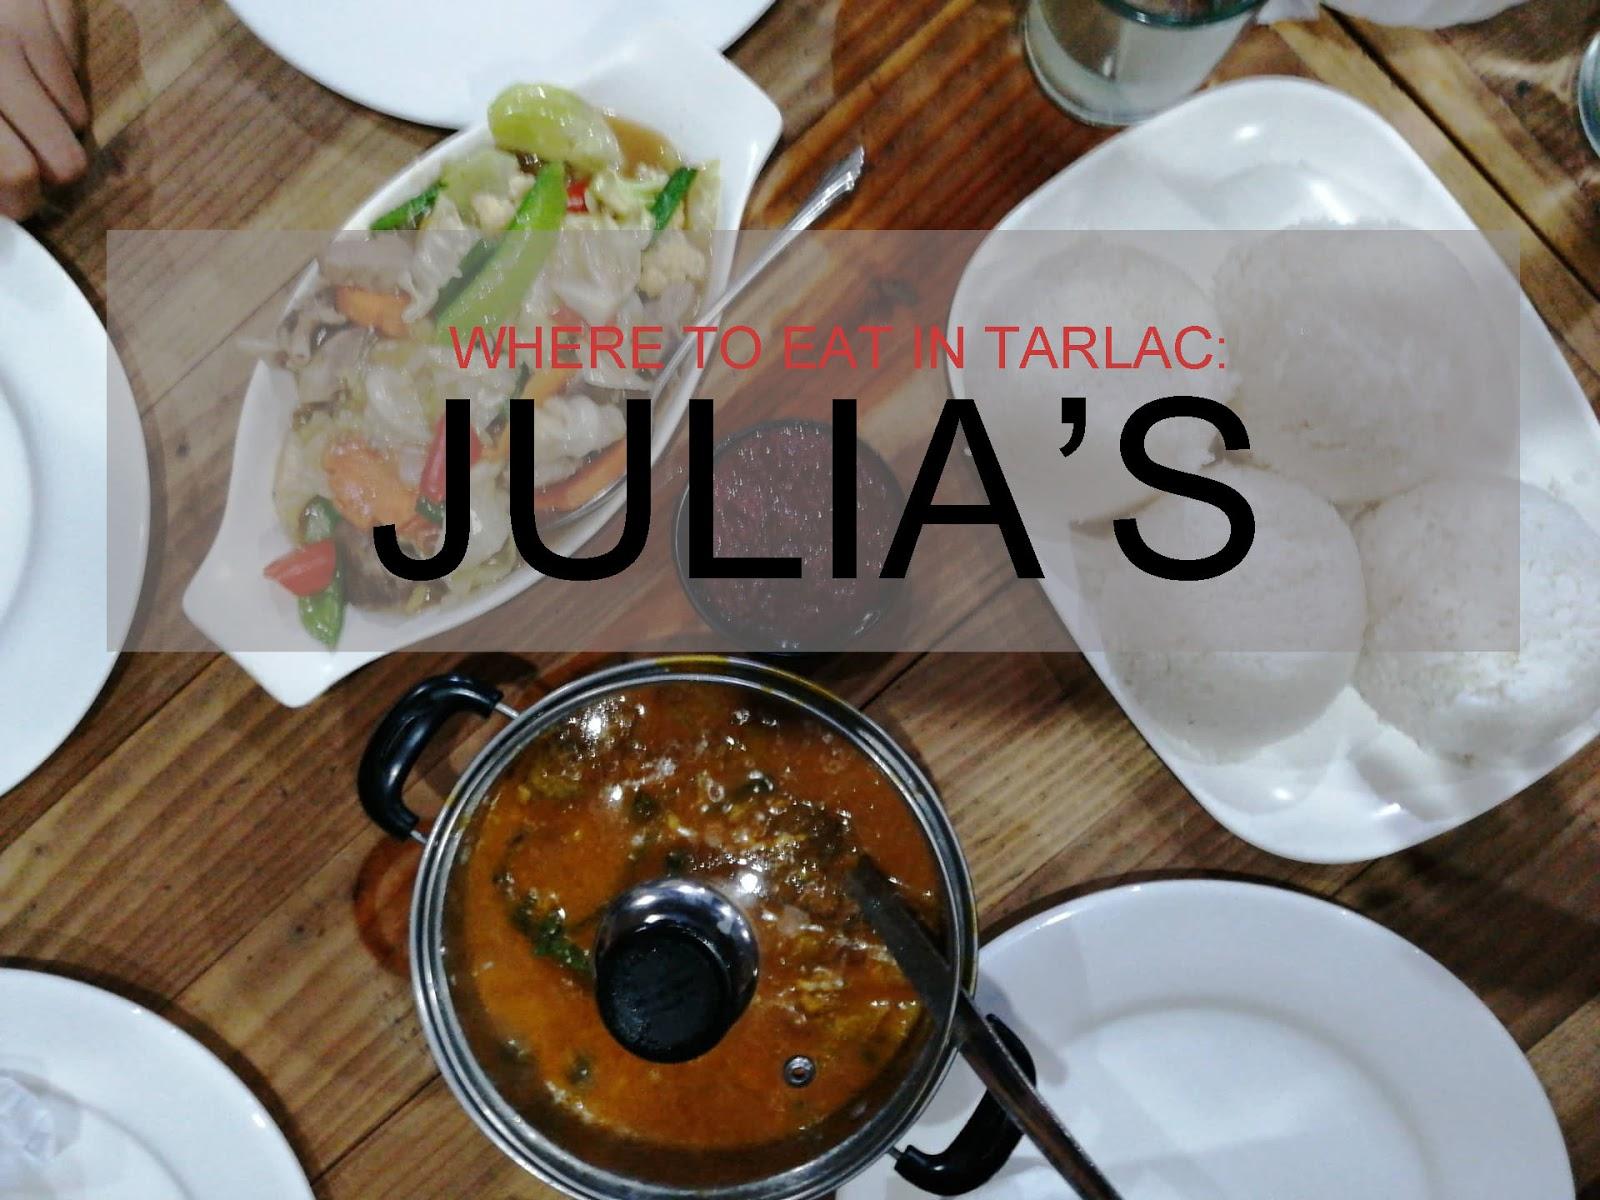 restaurants in tarlac